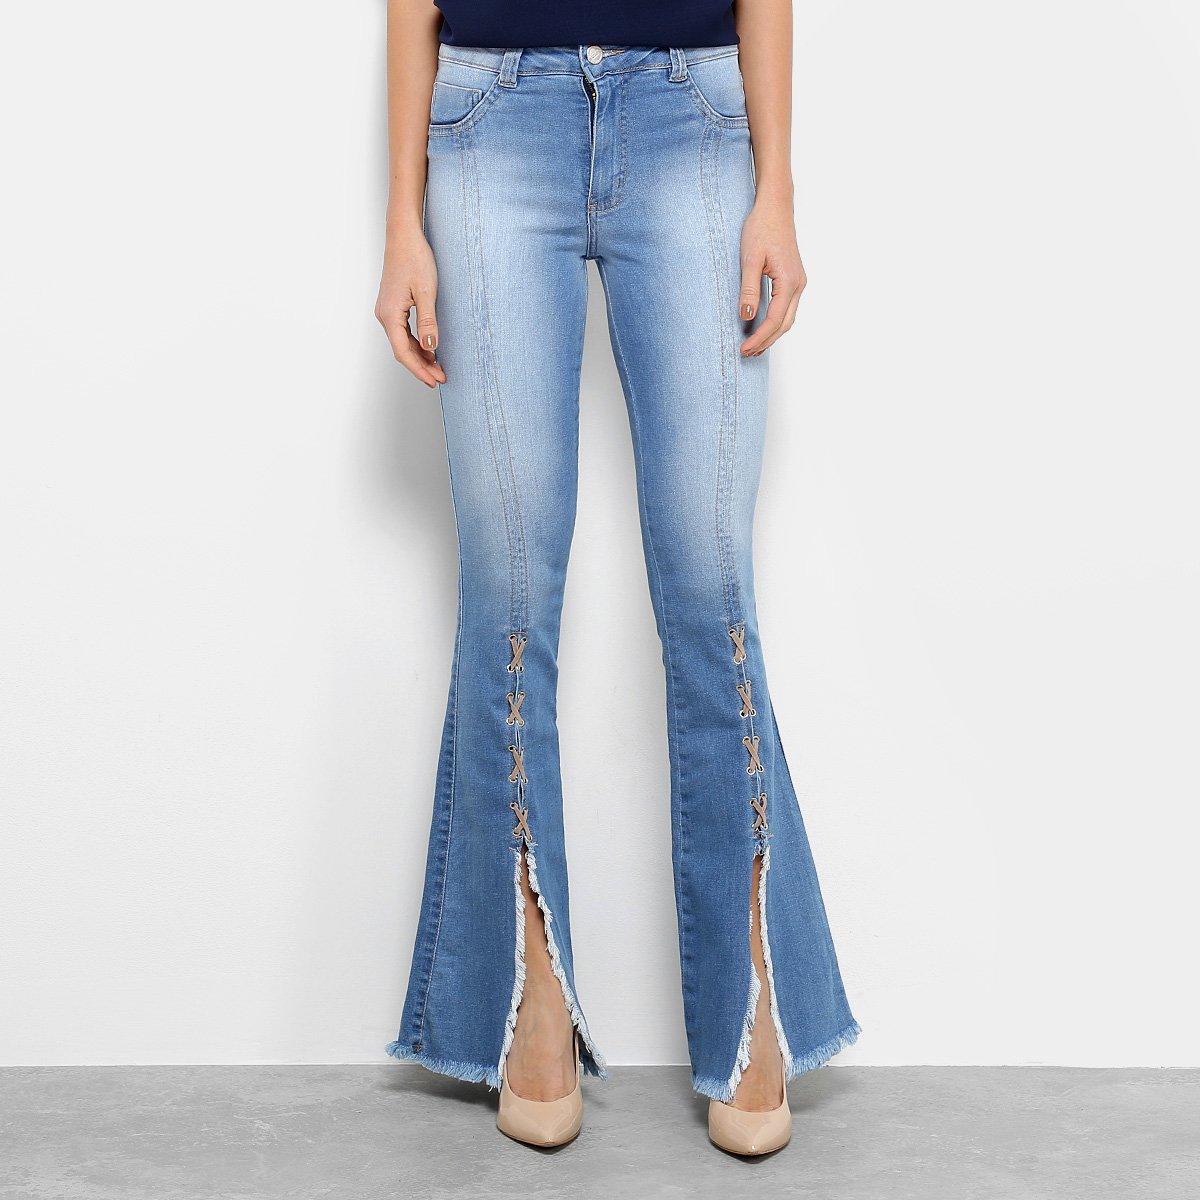 Calça Jeans Flare Biotipo Barra Desfiada Cintura Média Feminina 3f550f63e09